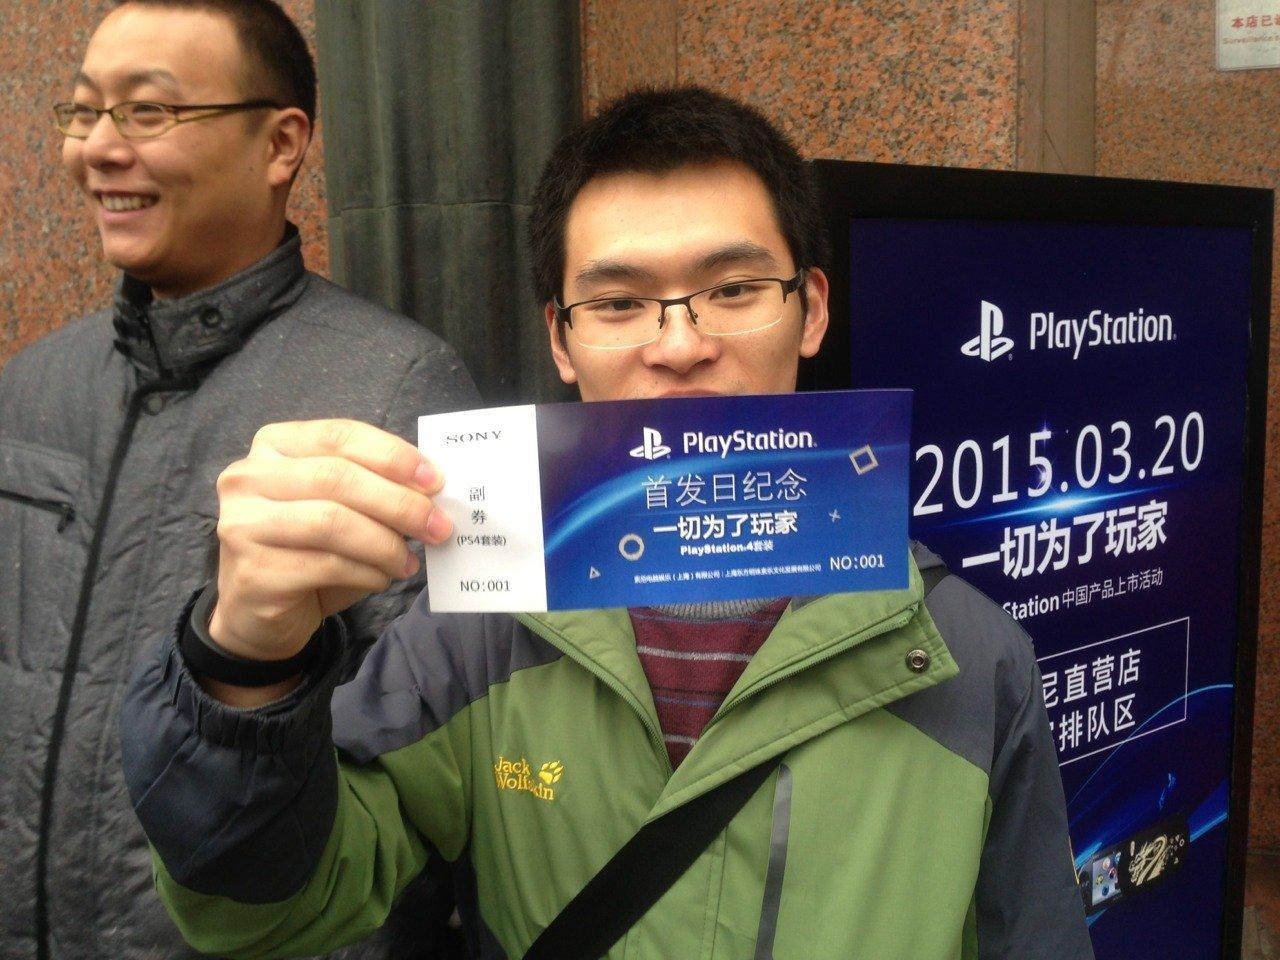 Китайцы встретили PlayStation 4 очередями !!! Долгожданный релиз в Китае !. - Изображение 4